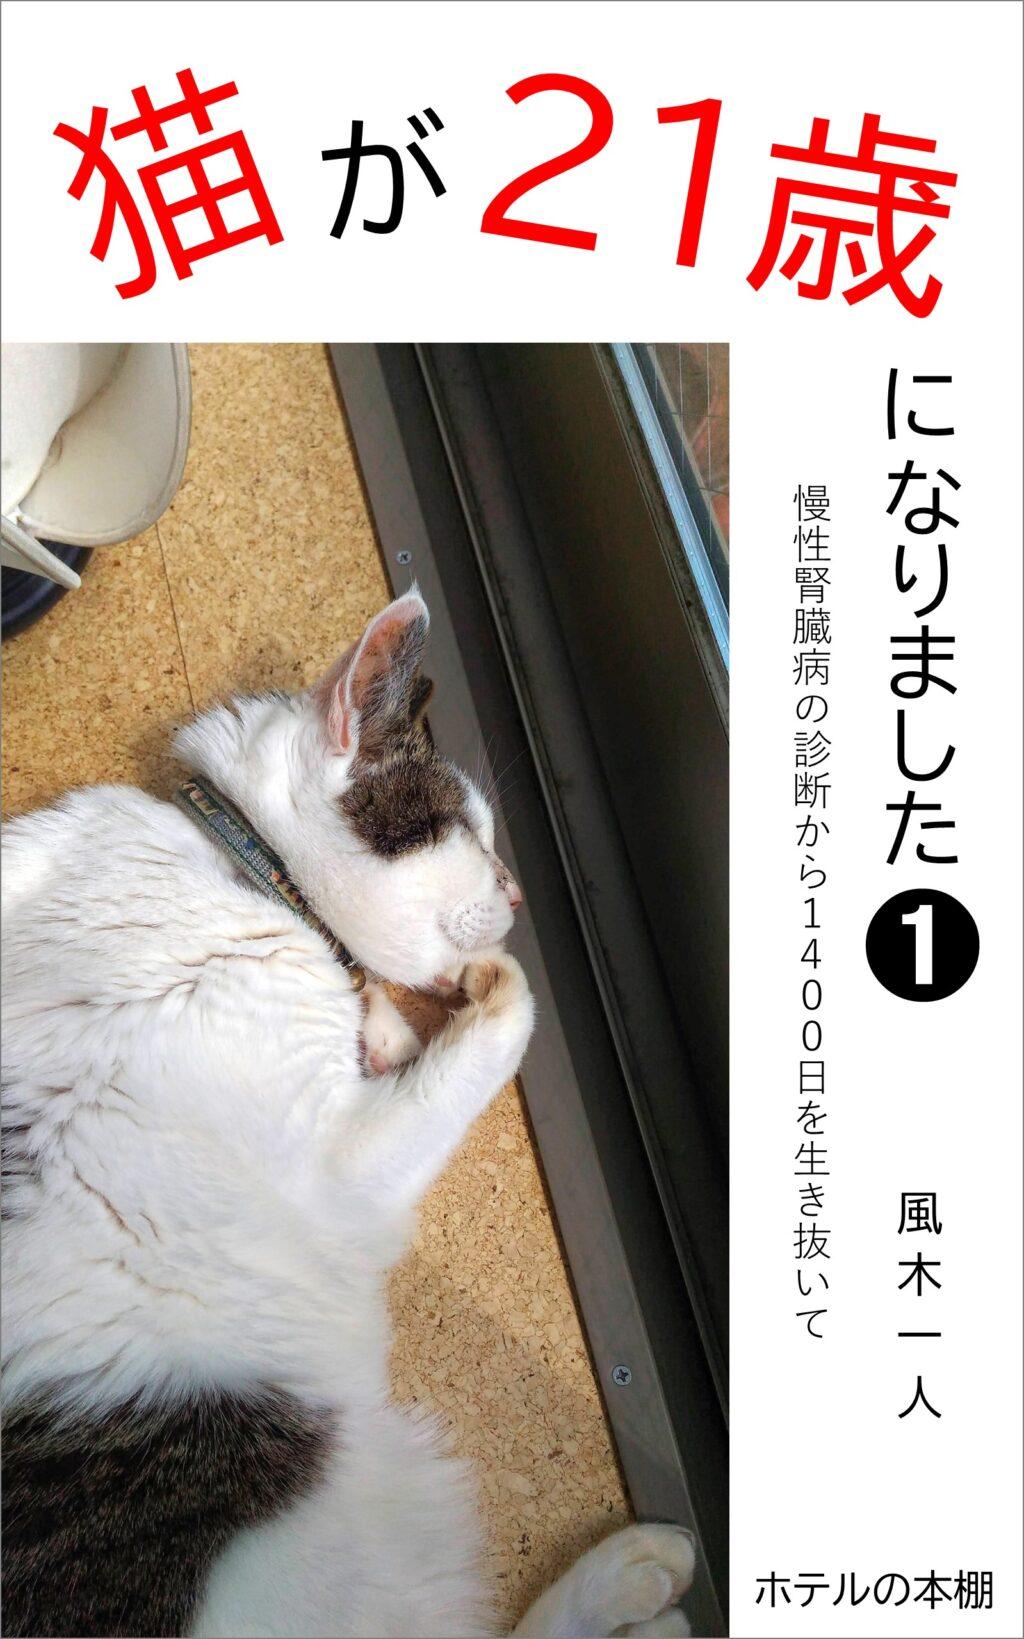 猫が21歳になりました1  慢性腎臓病の診断から1400日を生き抜いて